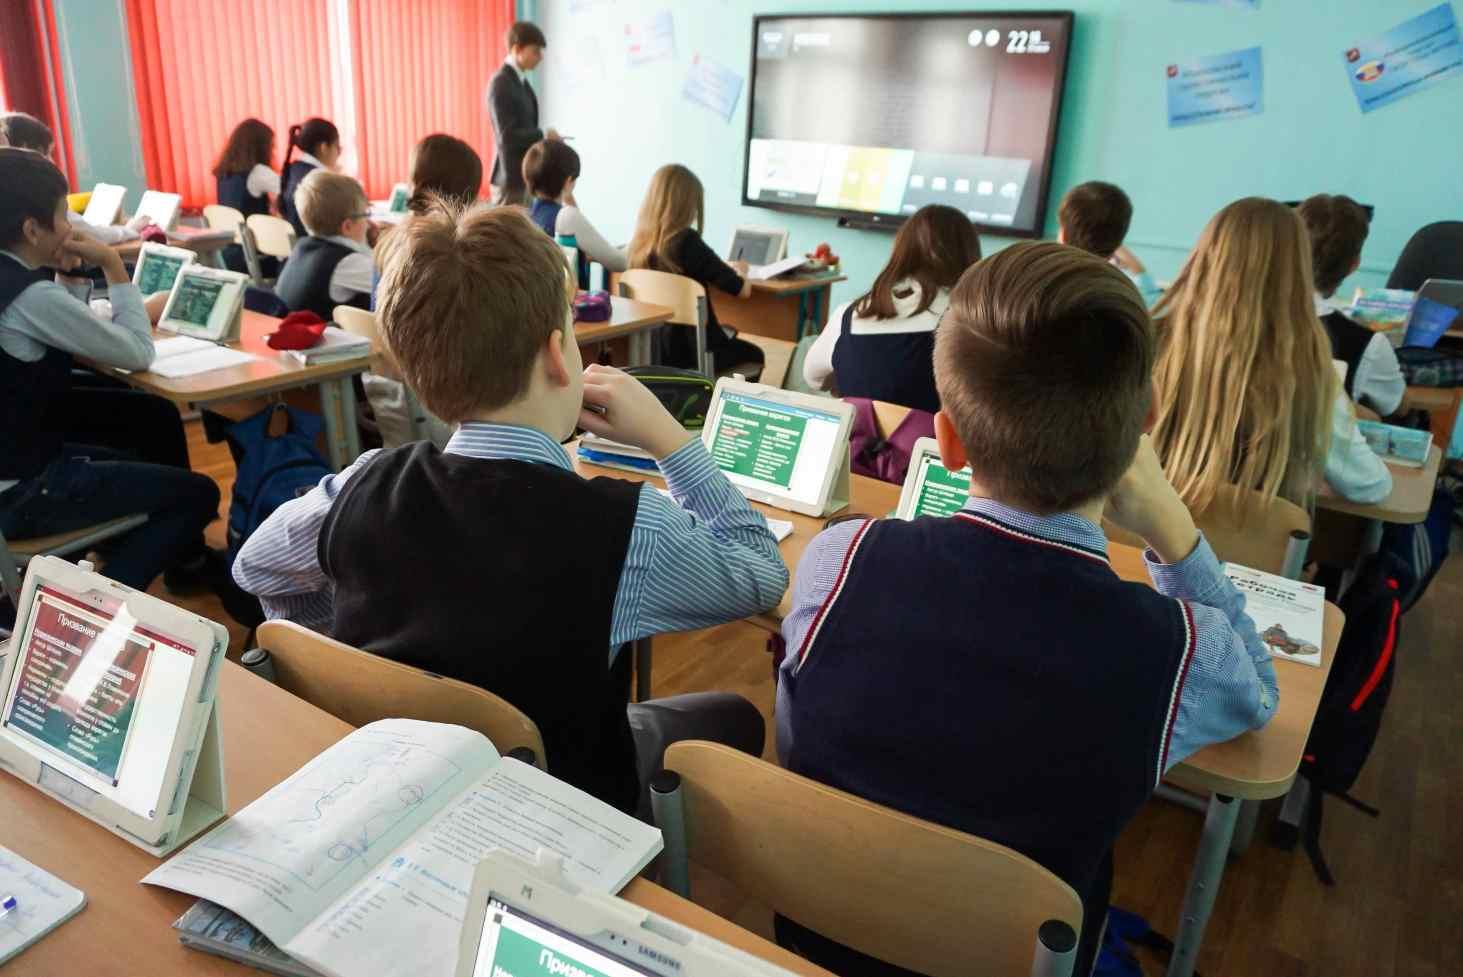 biblioteku-moskovskoj-elektronnoj-shkoly-otkroyut-dlya-pedagogov-i-uchenikov-iz-drugih-regionov